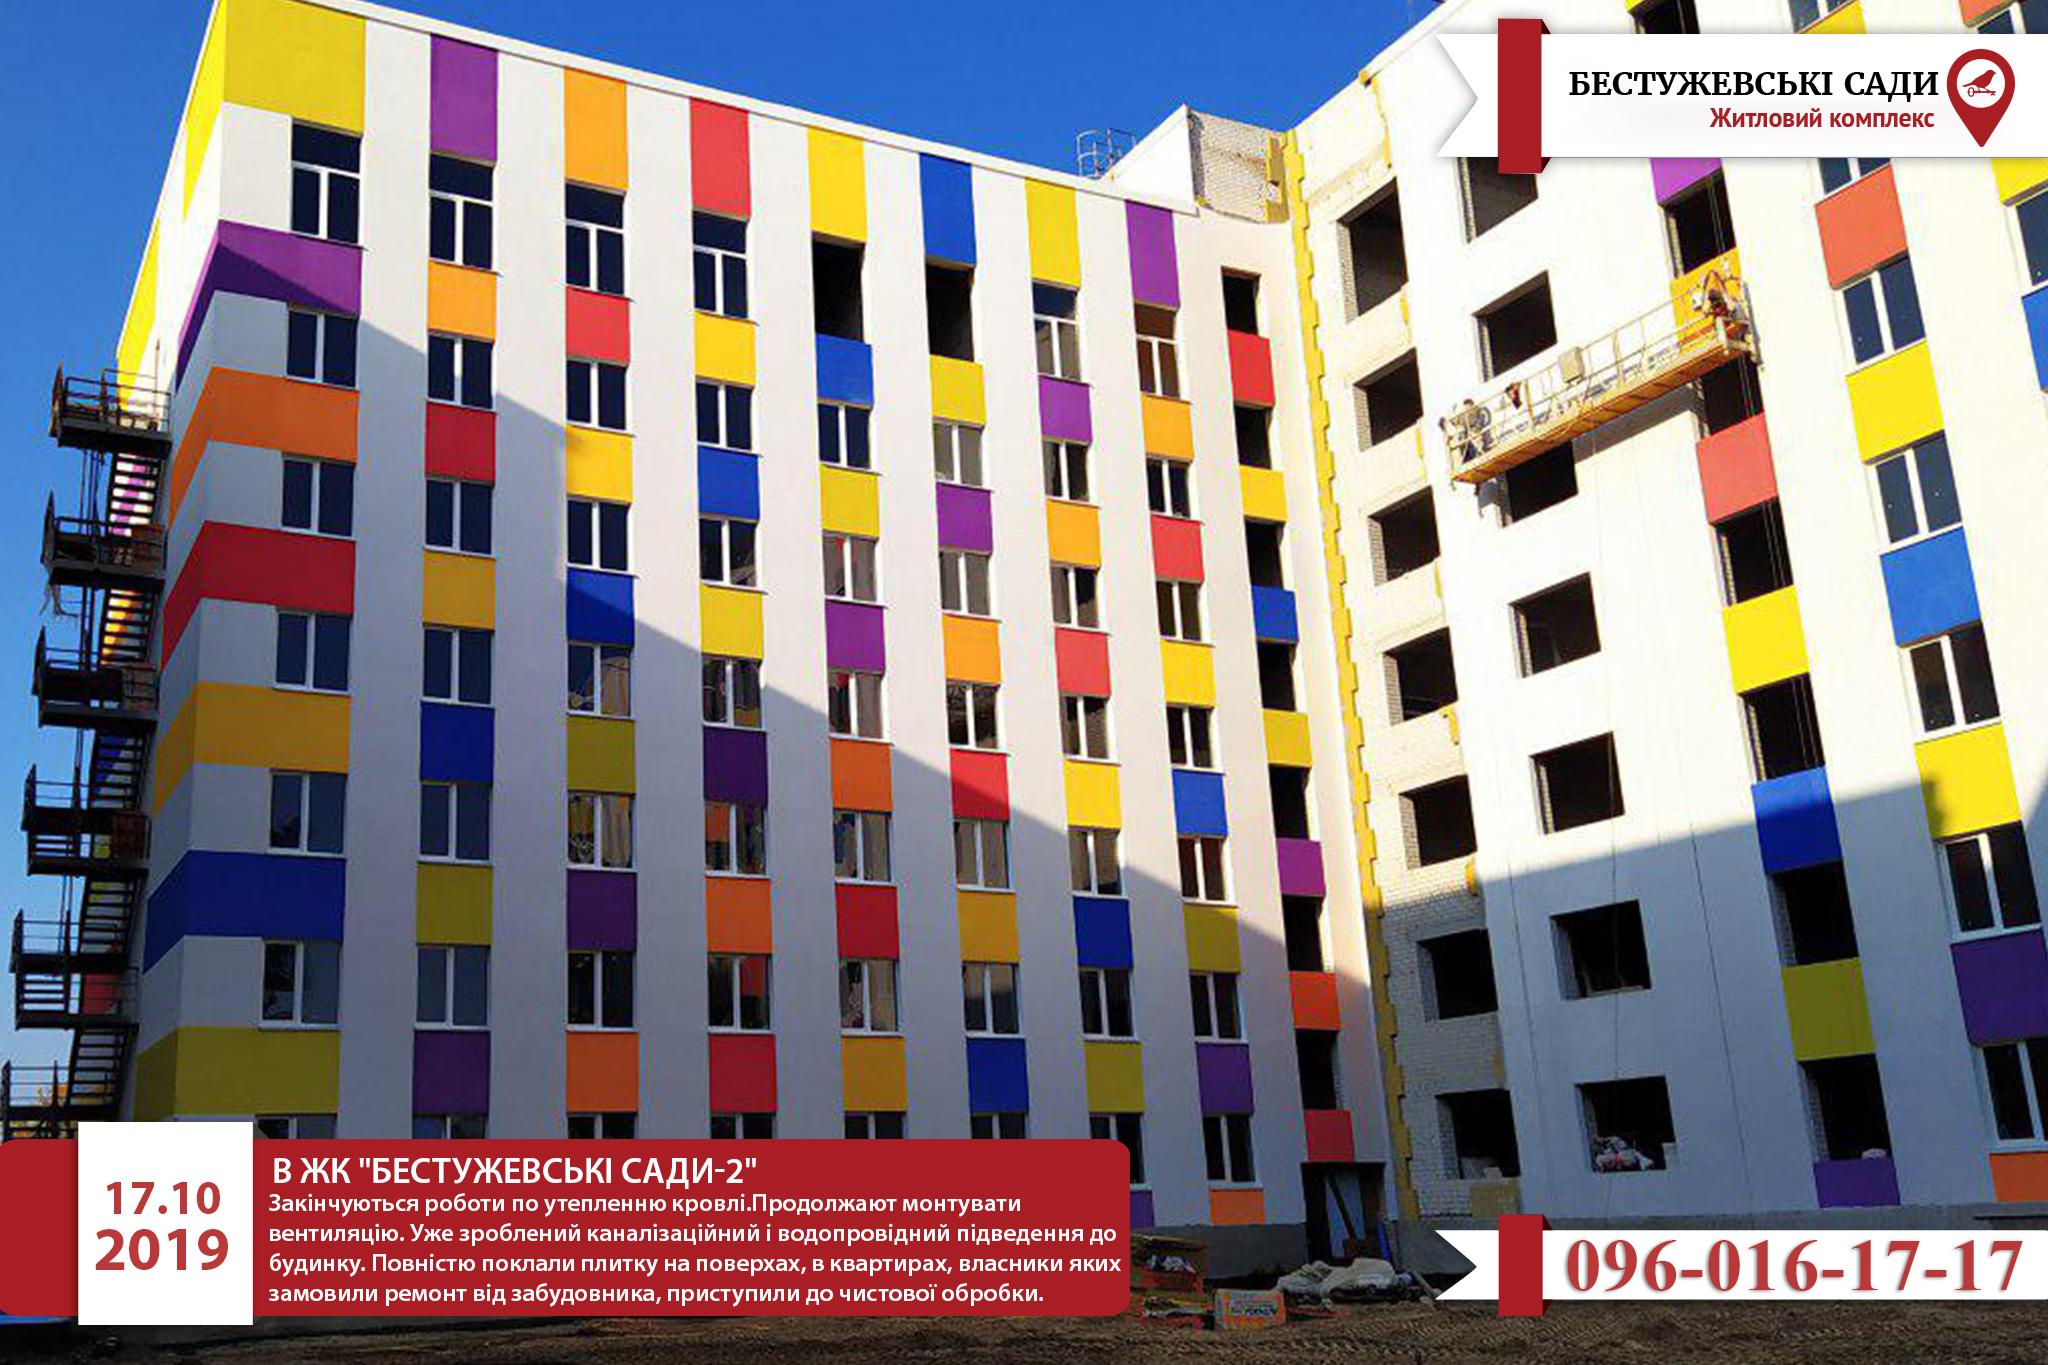 Оновилася інформація з будівельного майданчика ЖК «Бестужевські Сади»